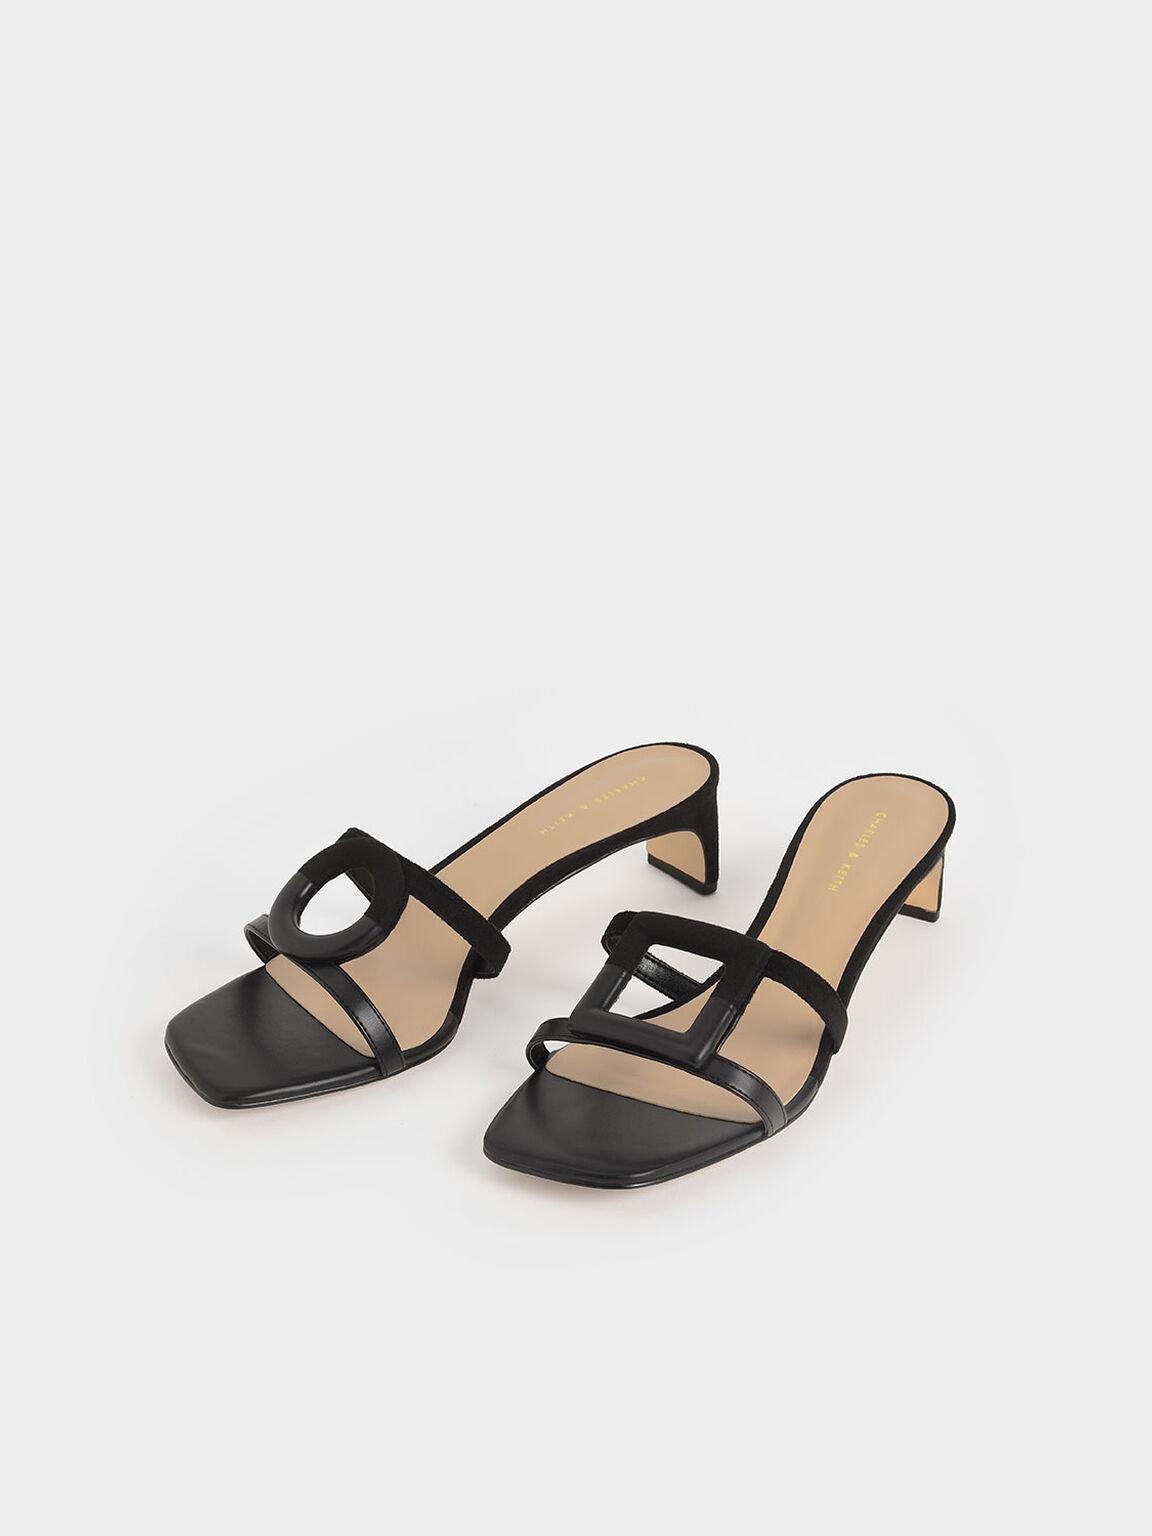 Mismatched Blade Heel Sandals, Black, hi-res